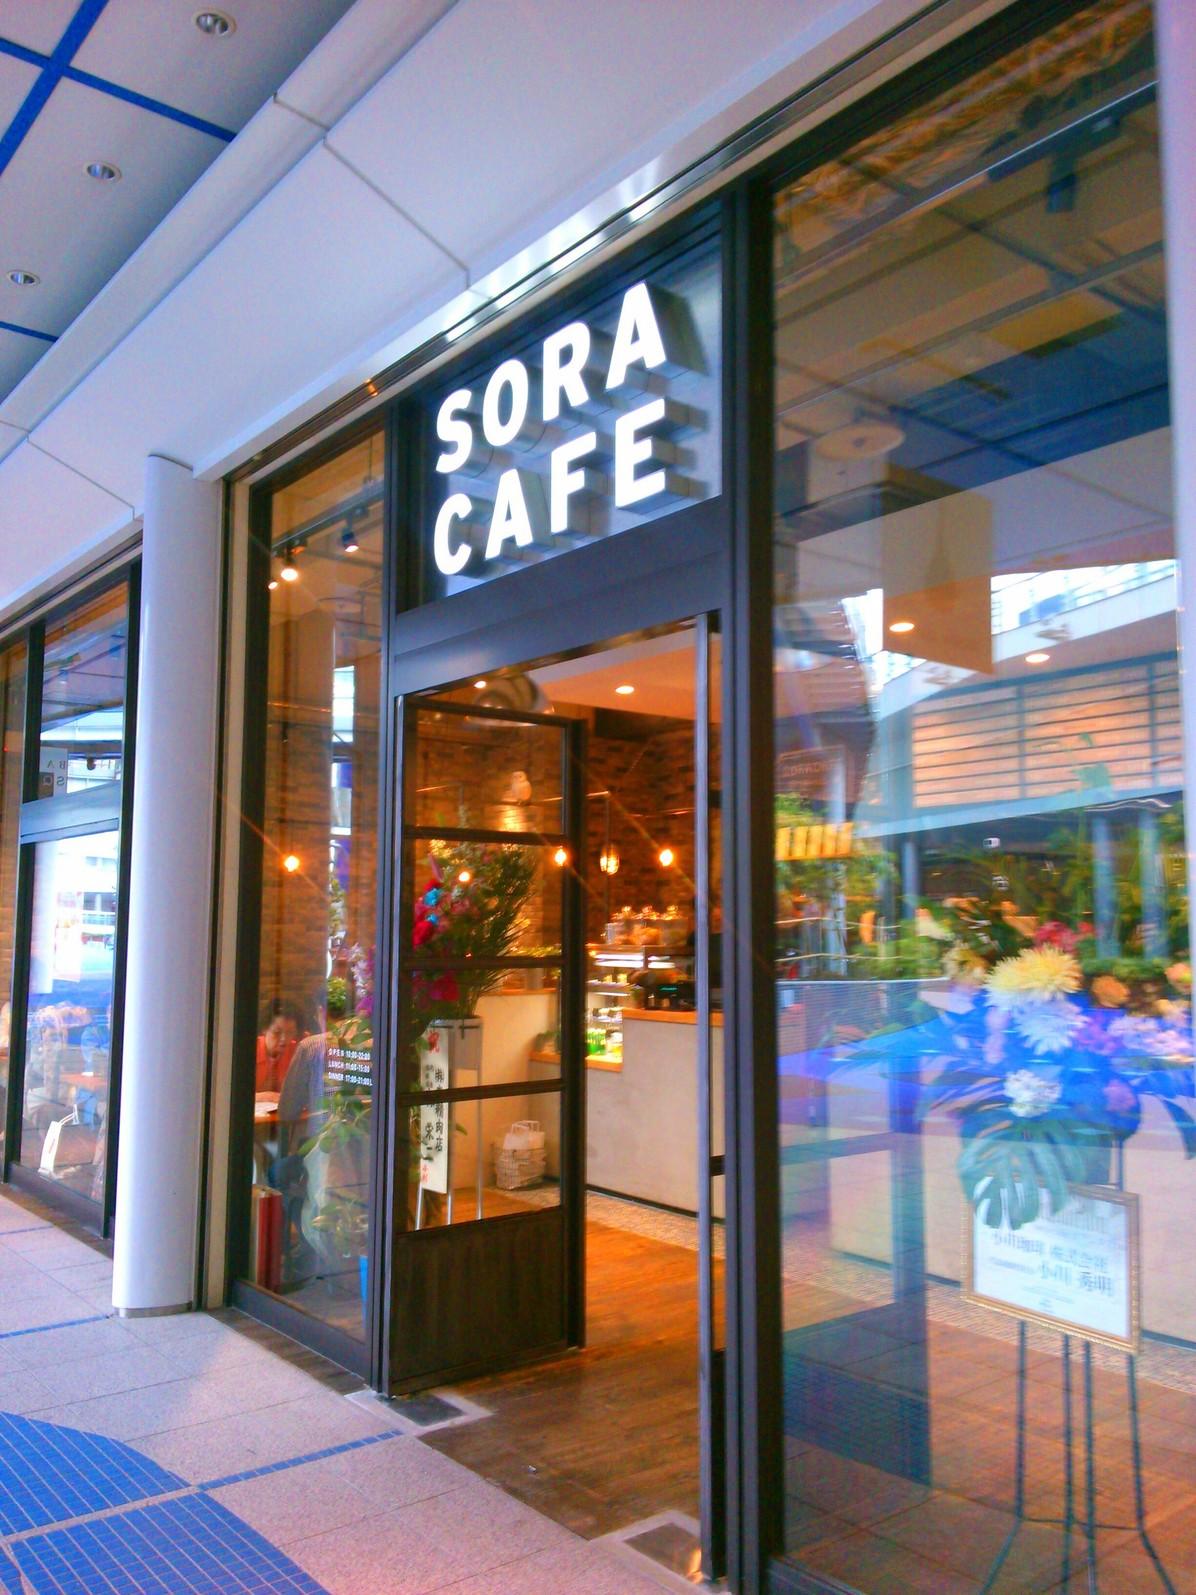 ソラ カフェ オアシス21店